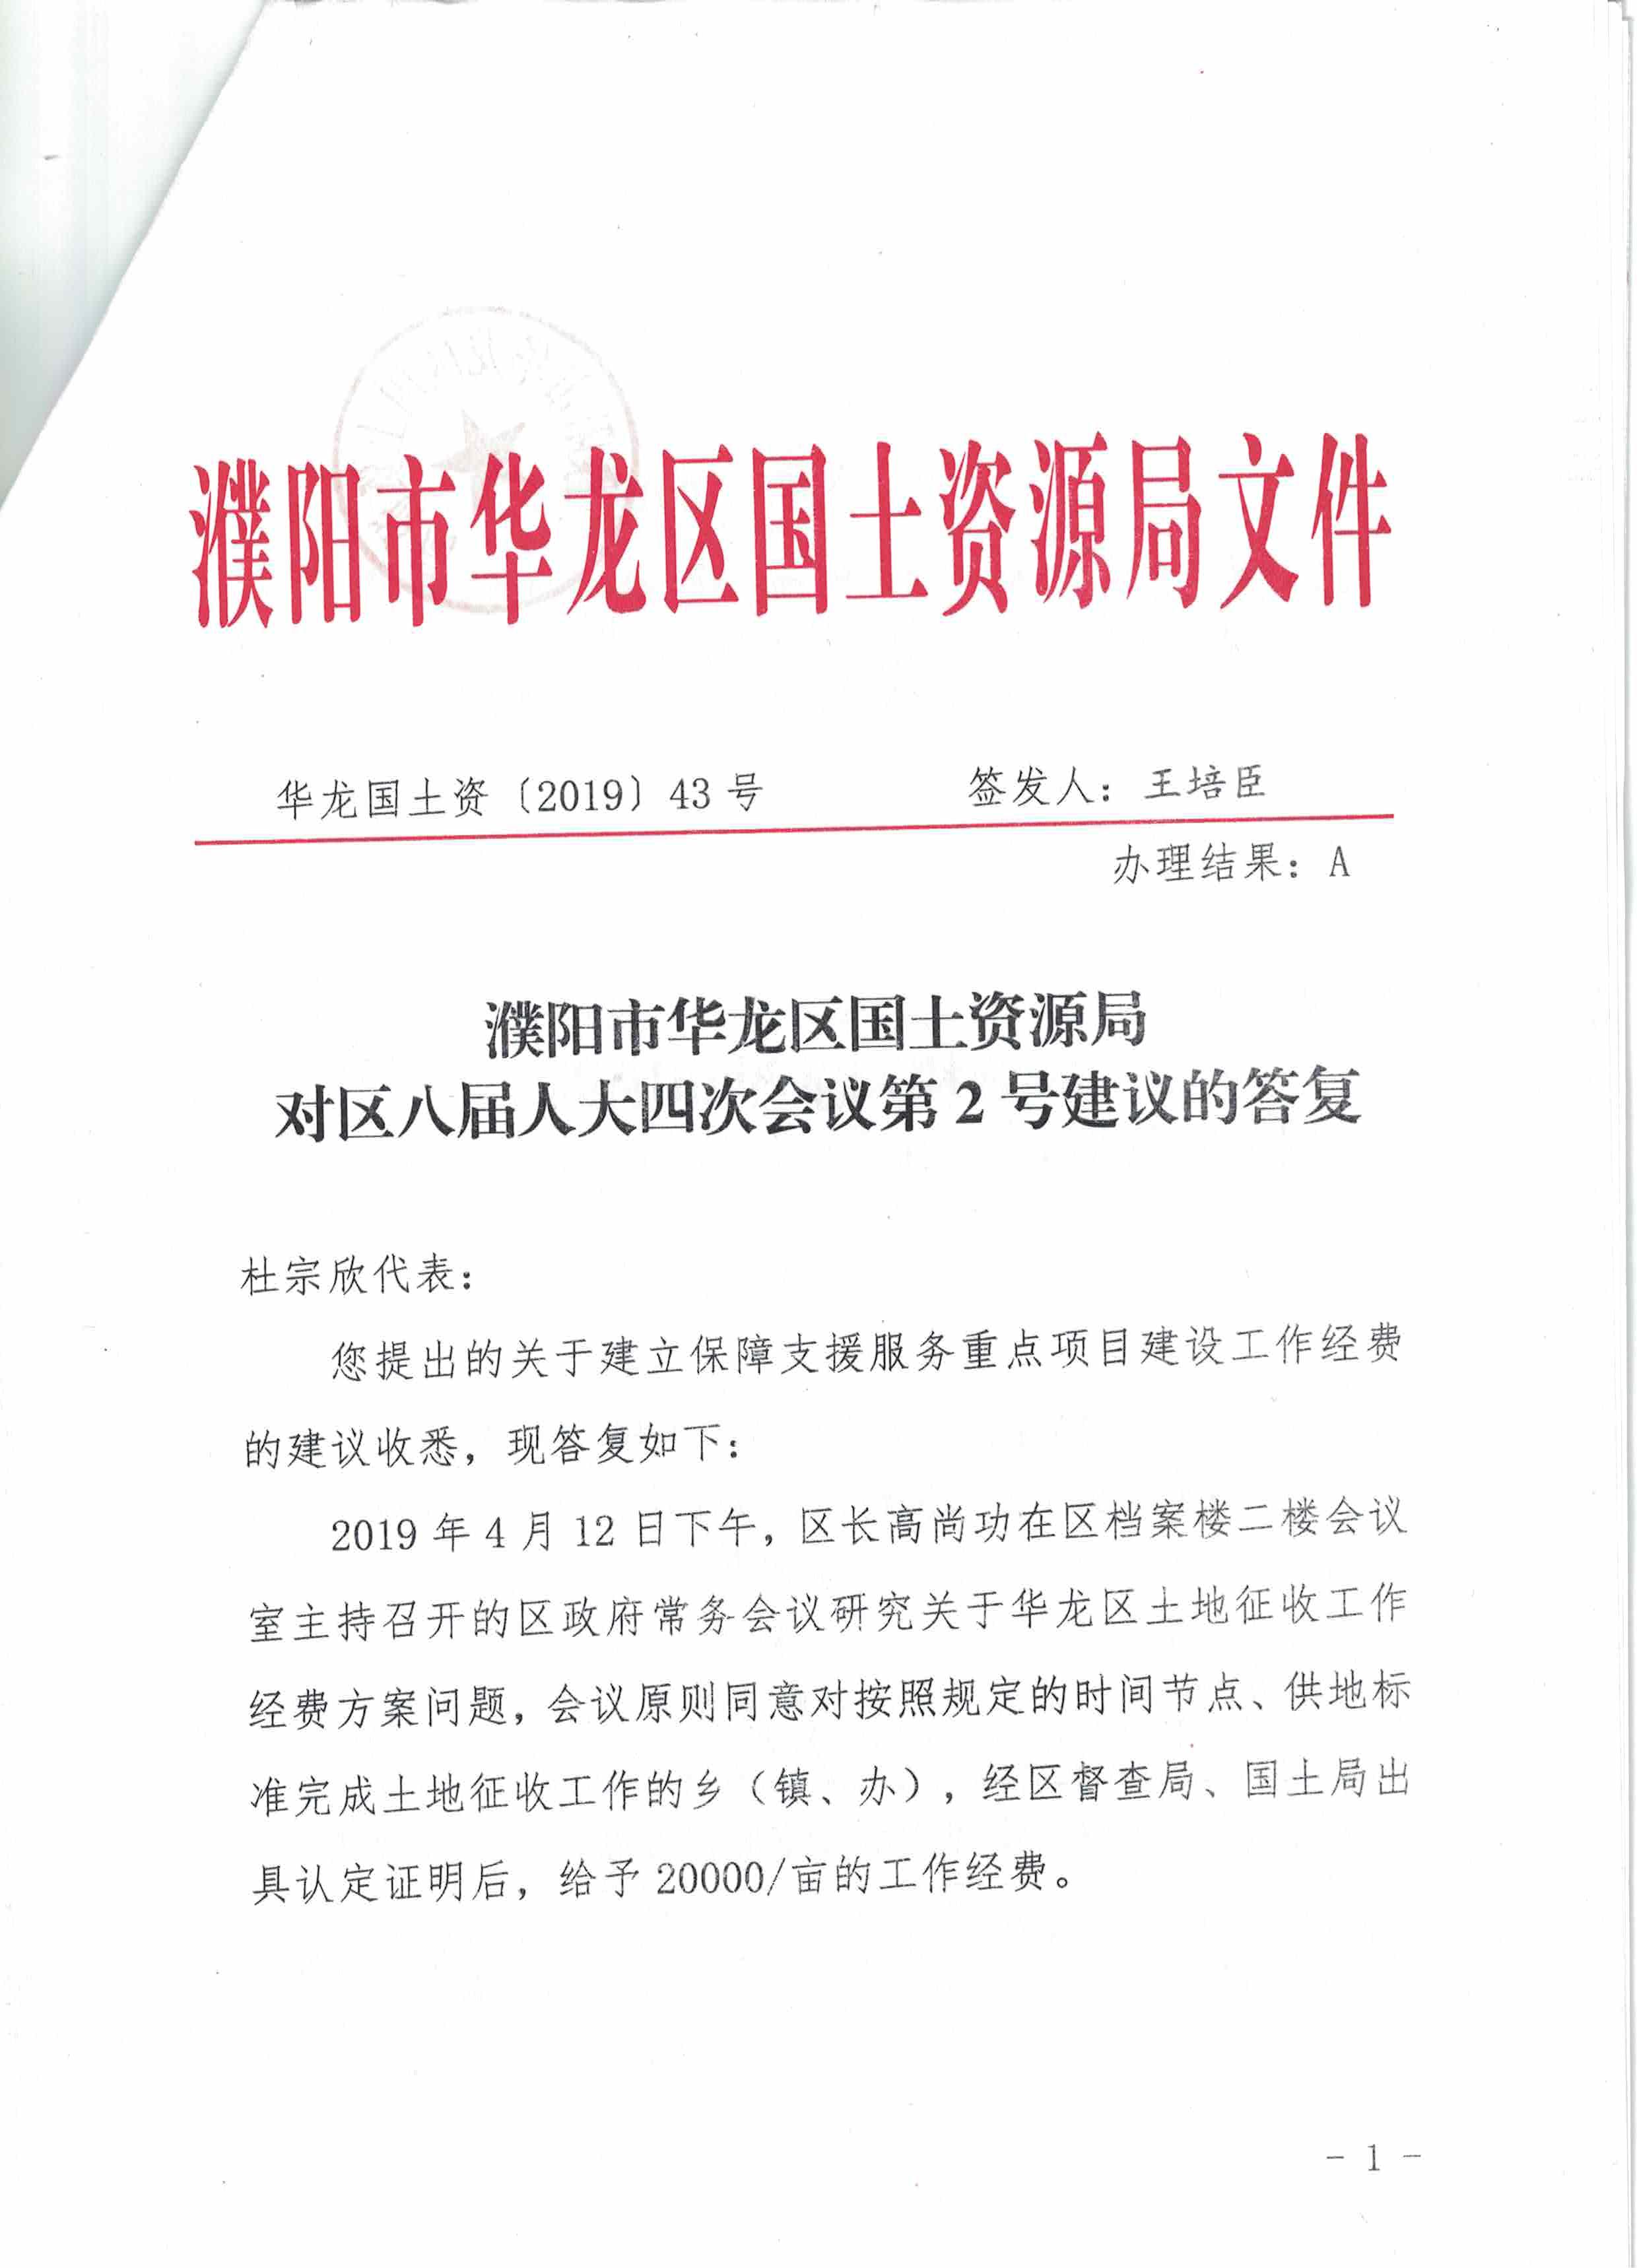 濮阳市亚洲城手机版国土局资源局对区八届人大四次会议第2号建议的答复